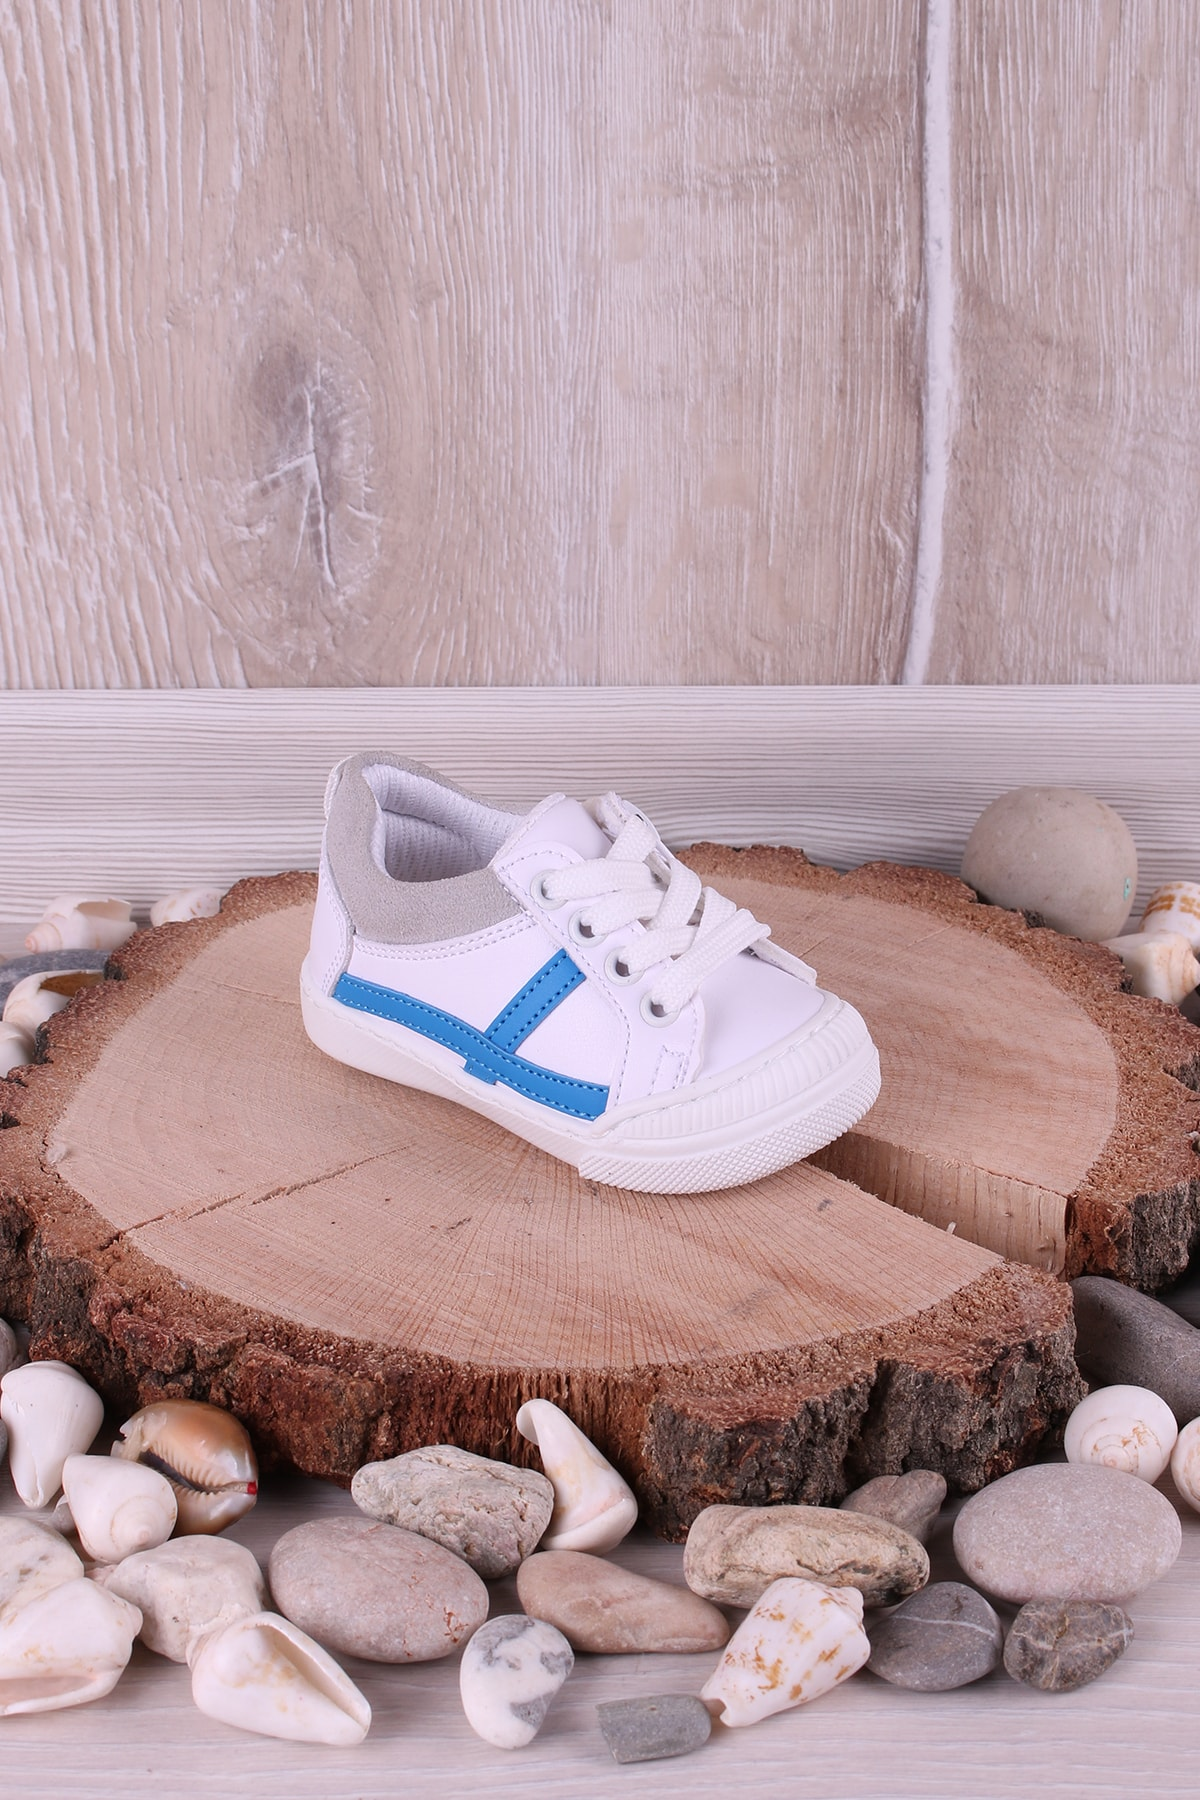 Bebek Beyaz Ortopedik Fermuarlı İlk Adım Unisex İlk Adım Ayakkabısı